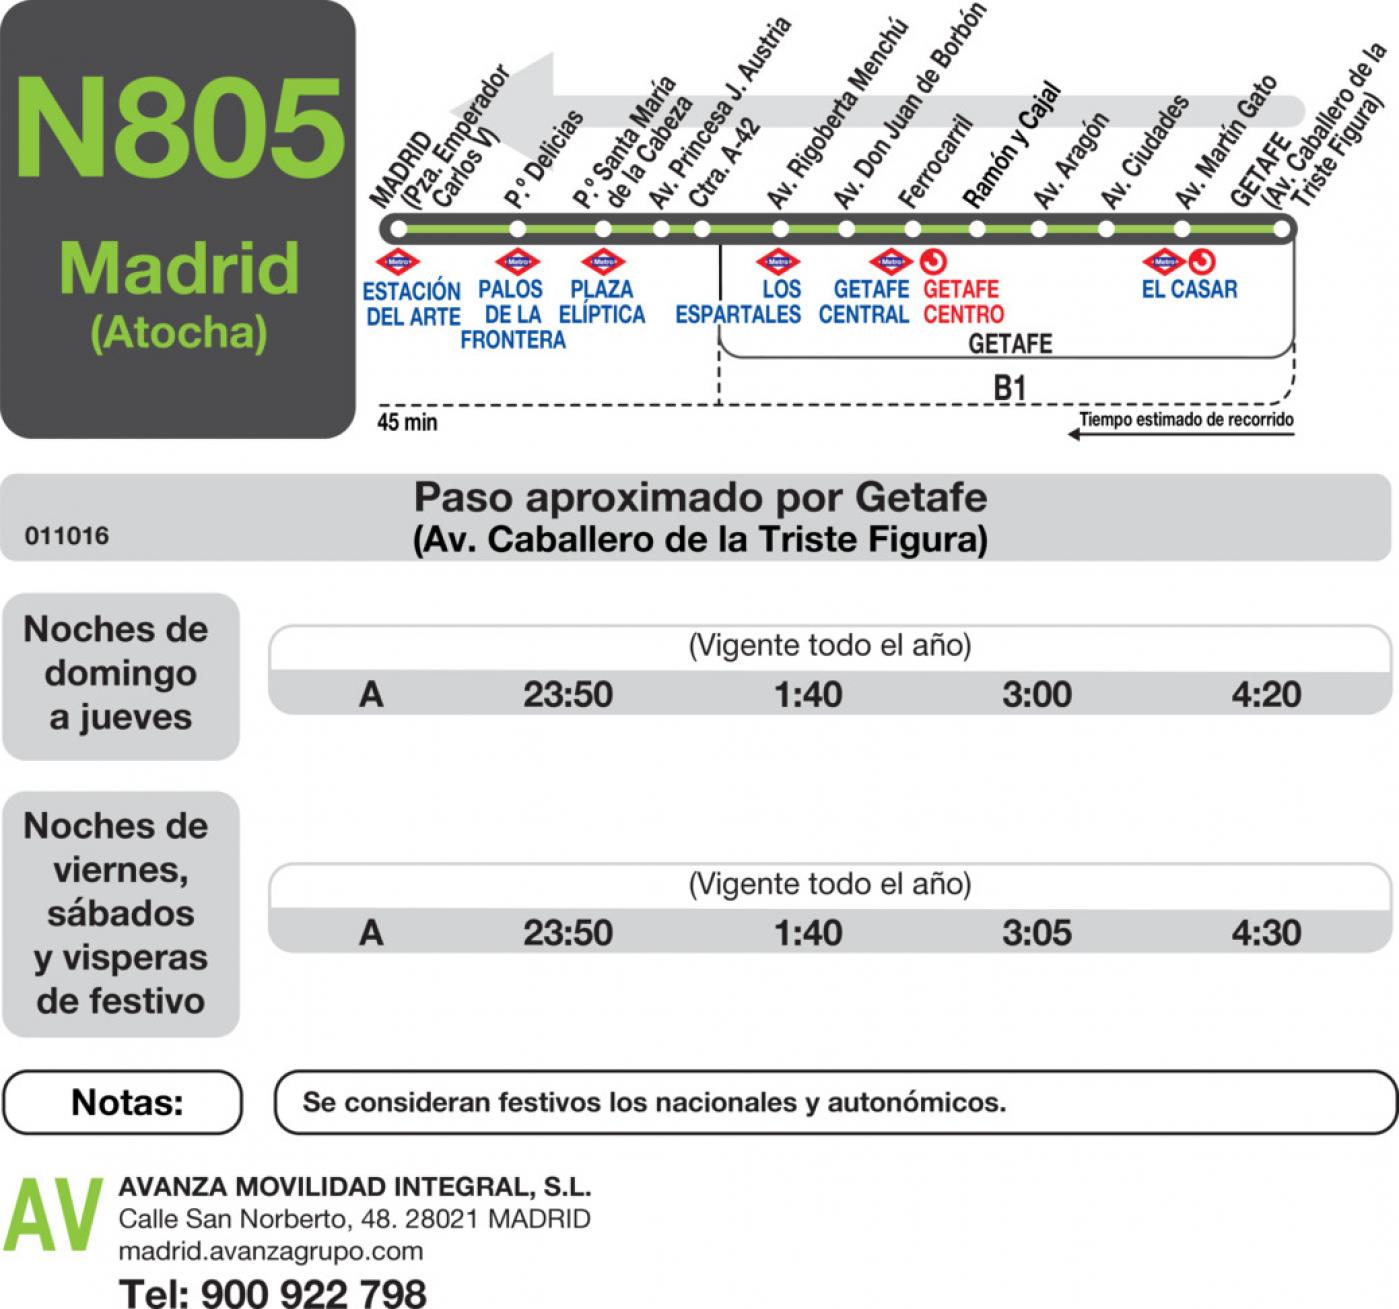 Tabla de horarios y frecuencias de paso en sentido vuelta Línea N-805: Madrid (Atocha) - Getafe (Centro - Sector III)